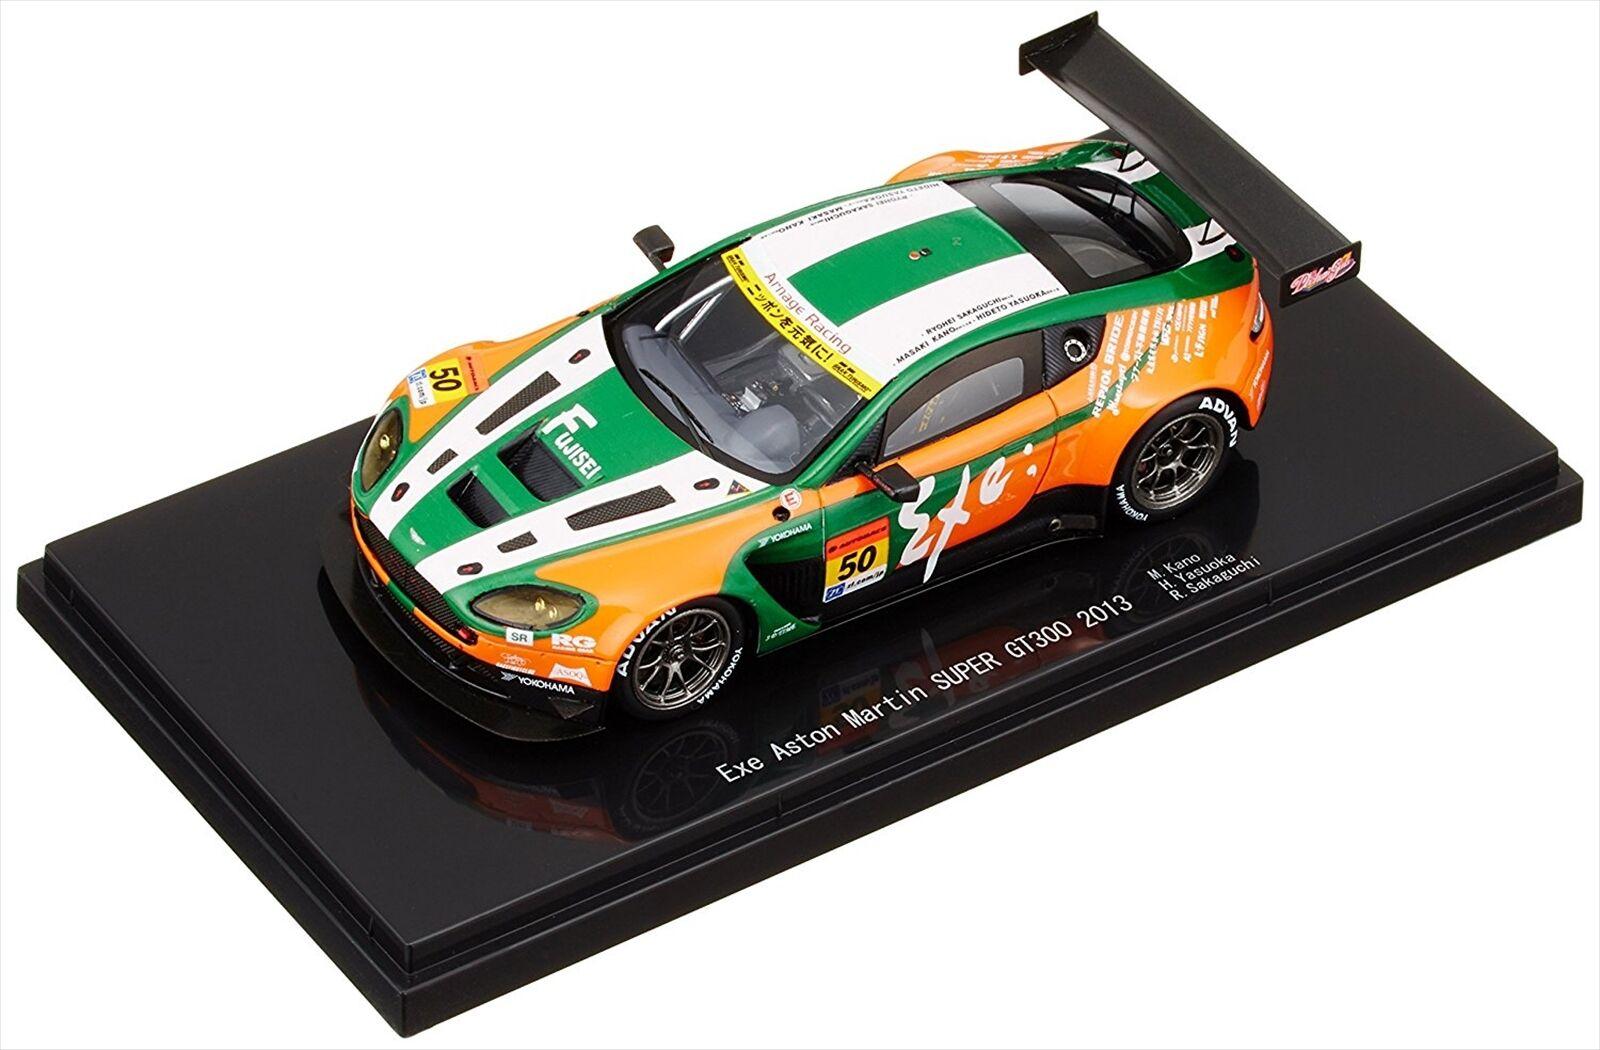 venta caliente Ebbro 1 43 EXE Aston Martin súper GT300 2013 2013 2013 44937 Modelo de Resina no. 50  Ahorre 35% - 70% de descuento